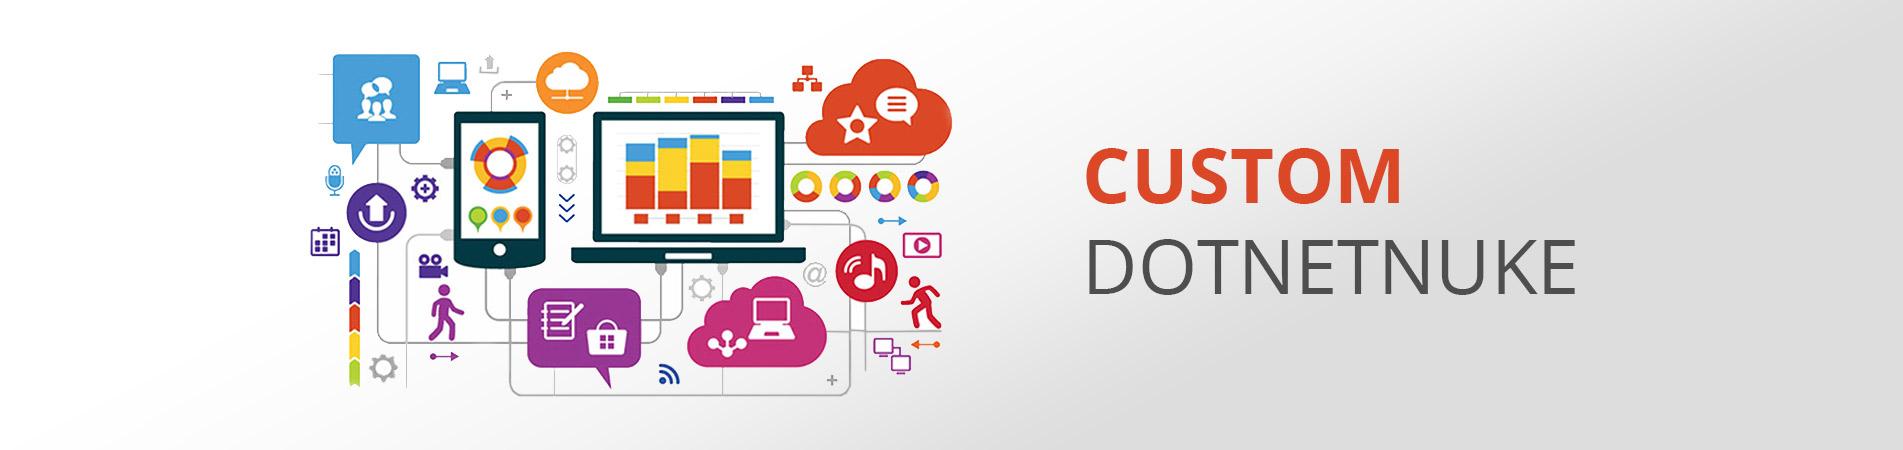 DNN Website Development Bangalore